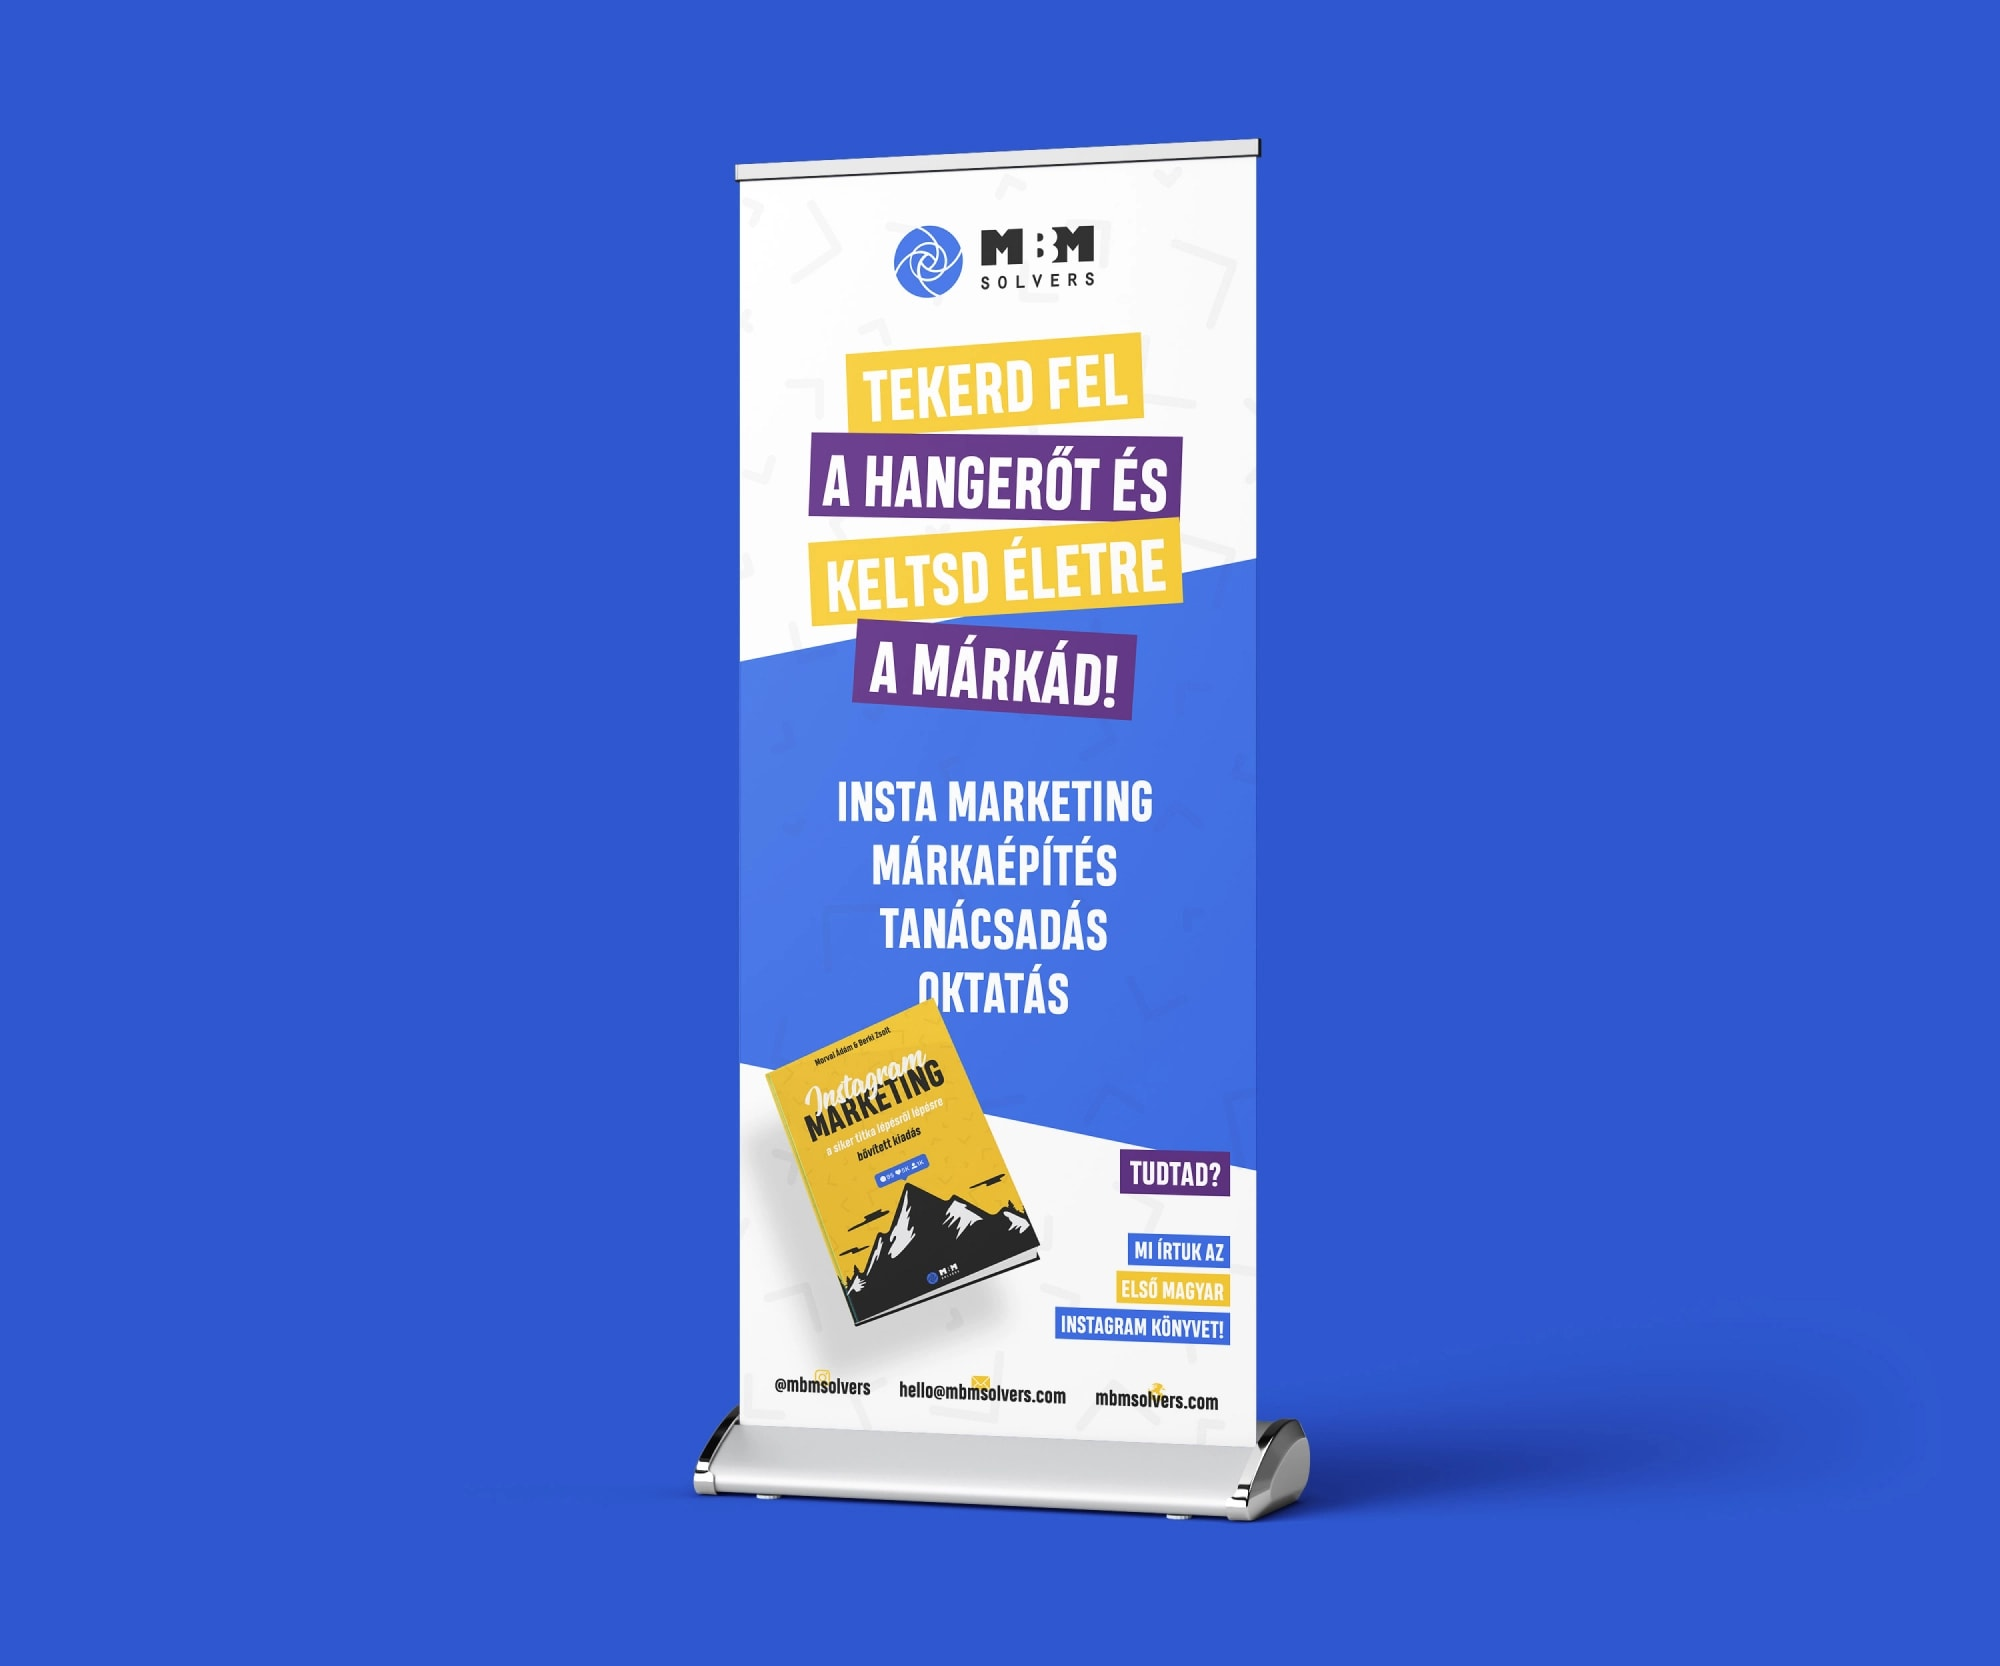 MBM Solvers könyvborító és offline megjelenés